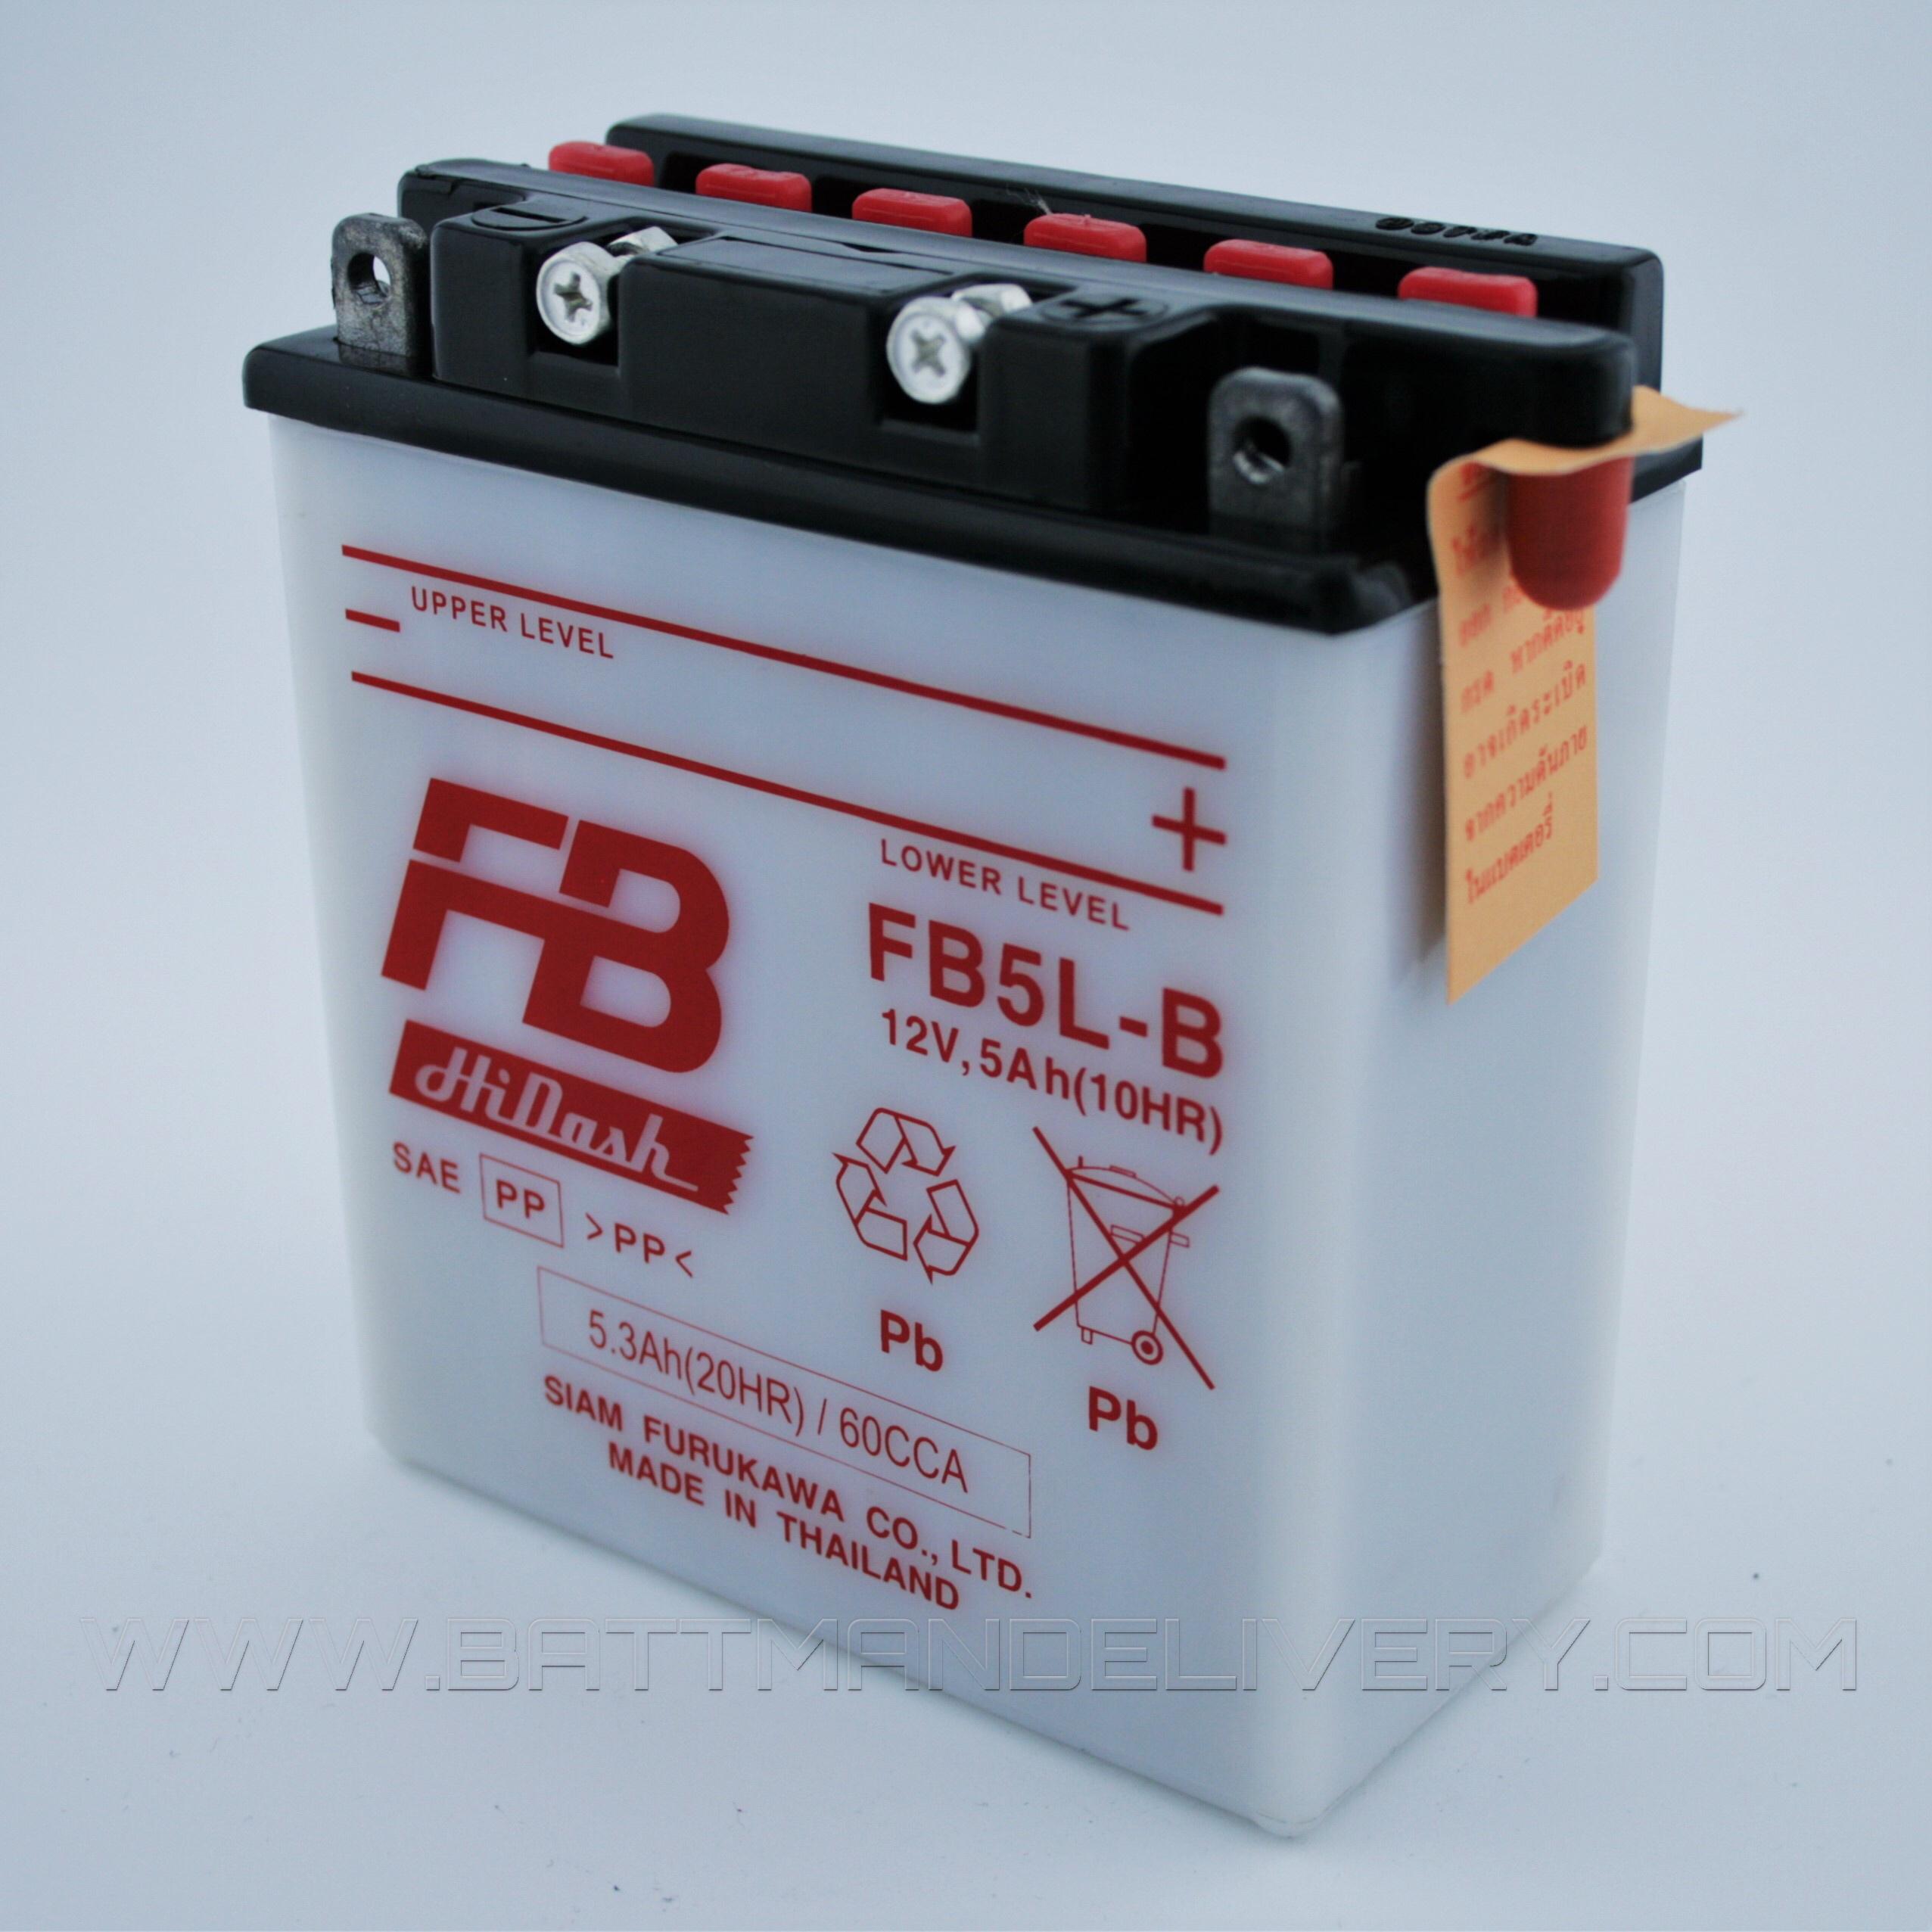 แบตเตอรี่มอเตอร์ไซค์ แบบน้ำ ยี่ห้อ FB รุ่น FB5L-B (12V 5AH) ใช้กับรถรุ่น SPARK,R,X,Z/SPARK135/SPARKNANO/DREAM(สตาร์ทมือ)/MIO AMORE